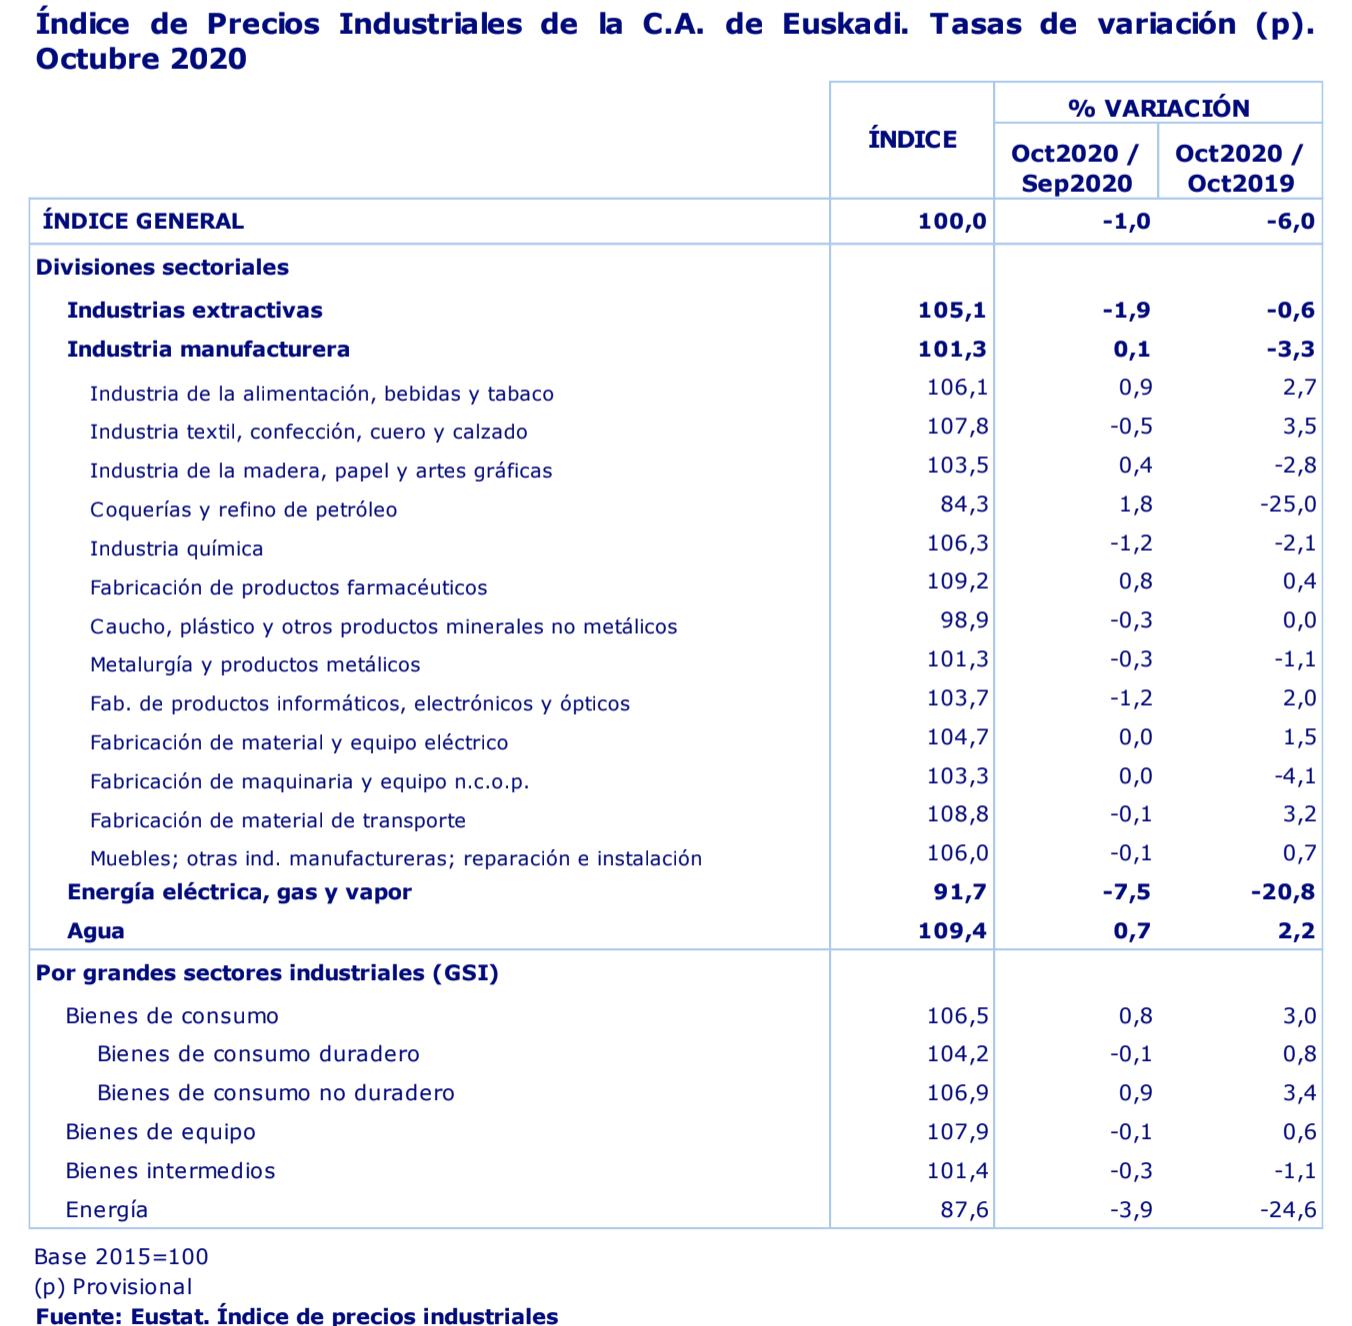 Los precios industriales de País Vasco descienden un 1,0% en el mes de octubre de 2020 en relación al mes anterior 2